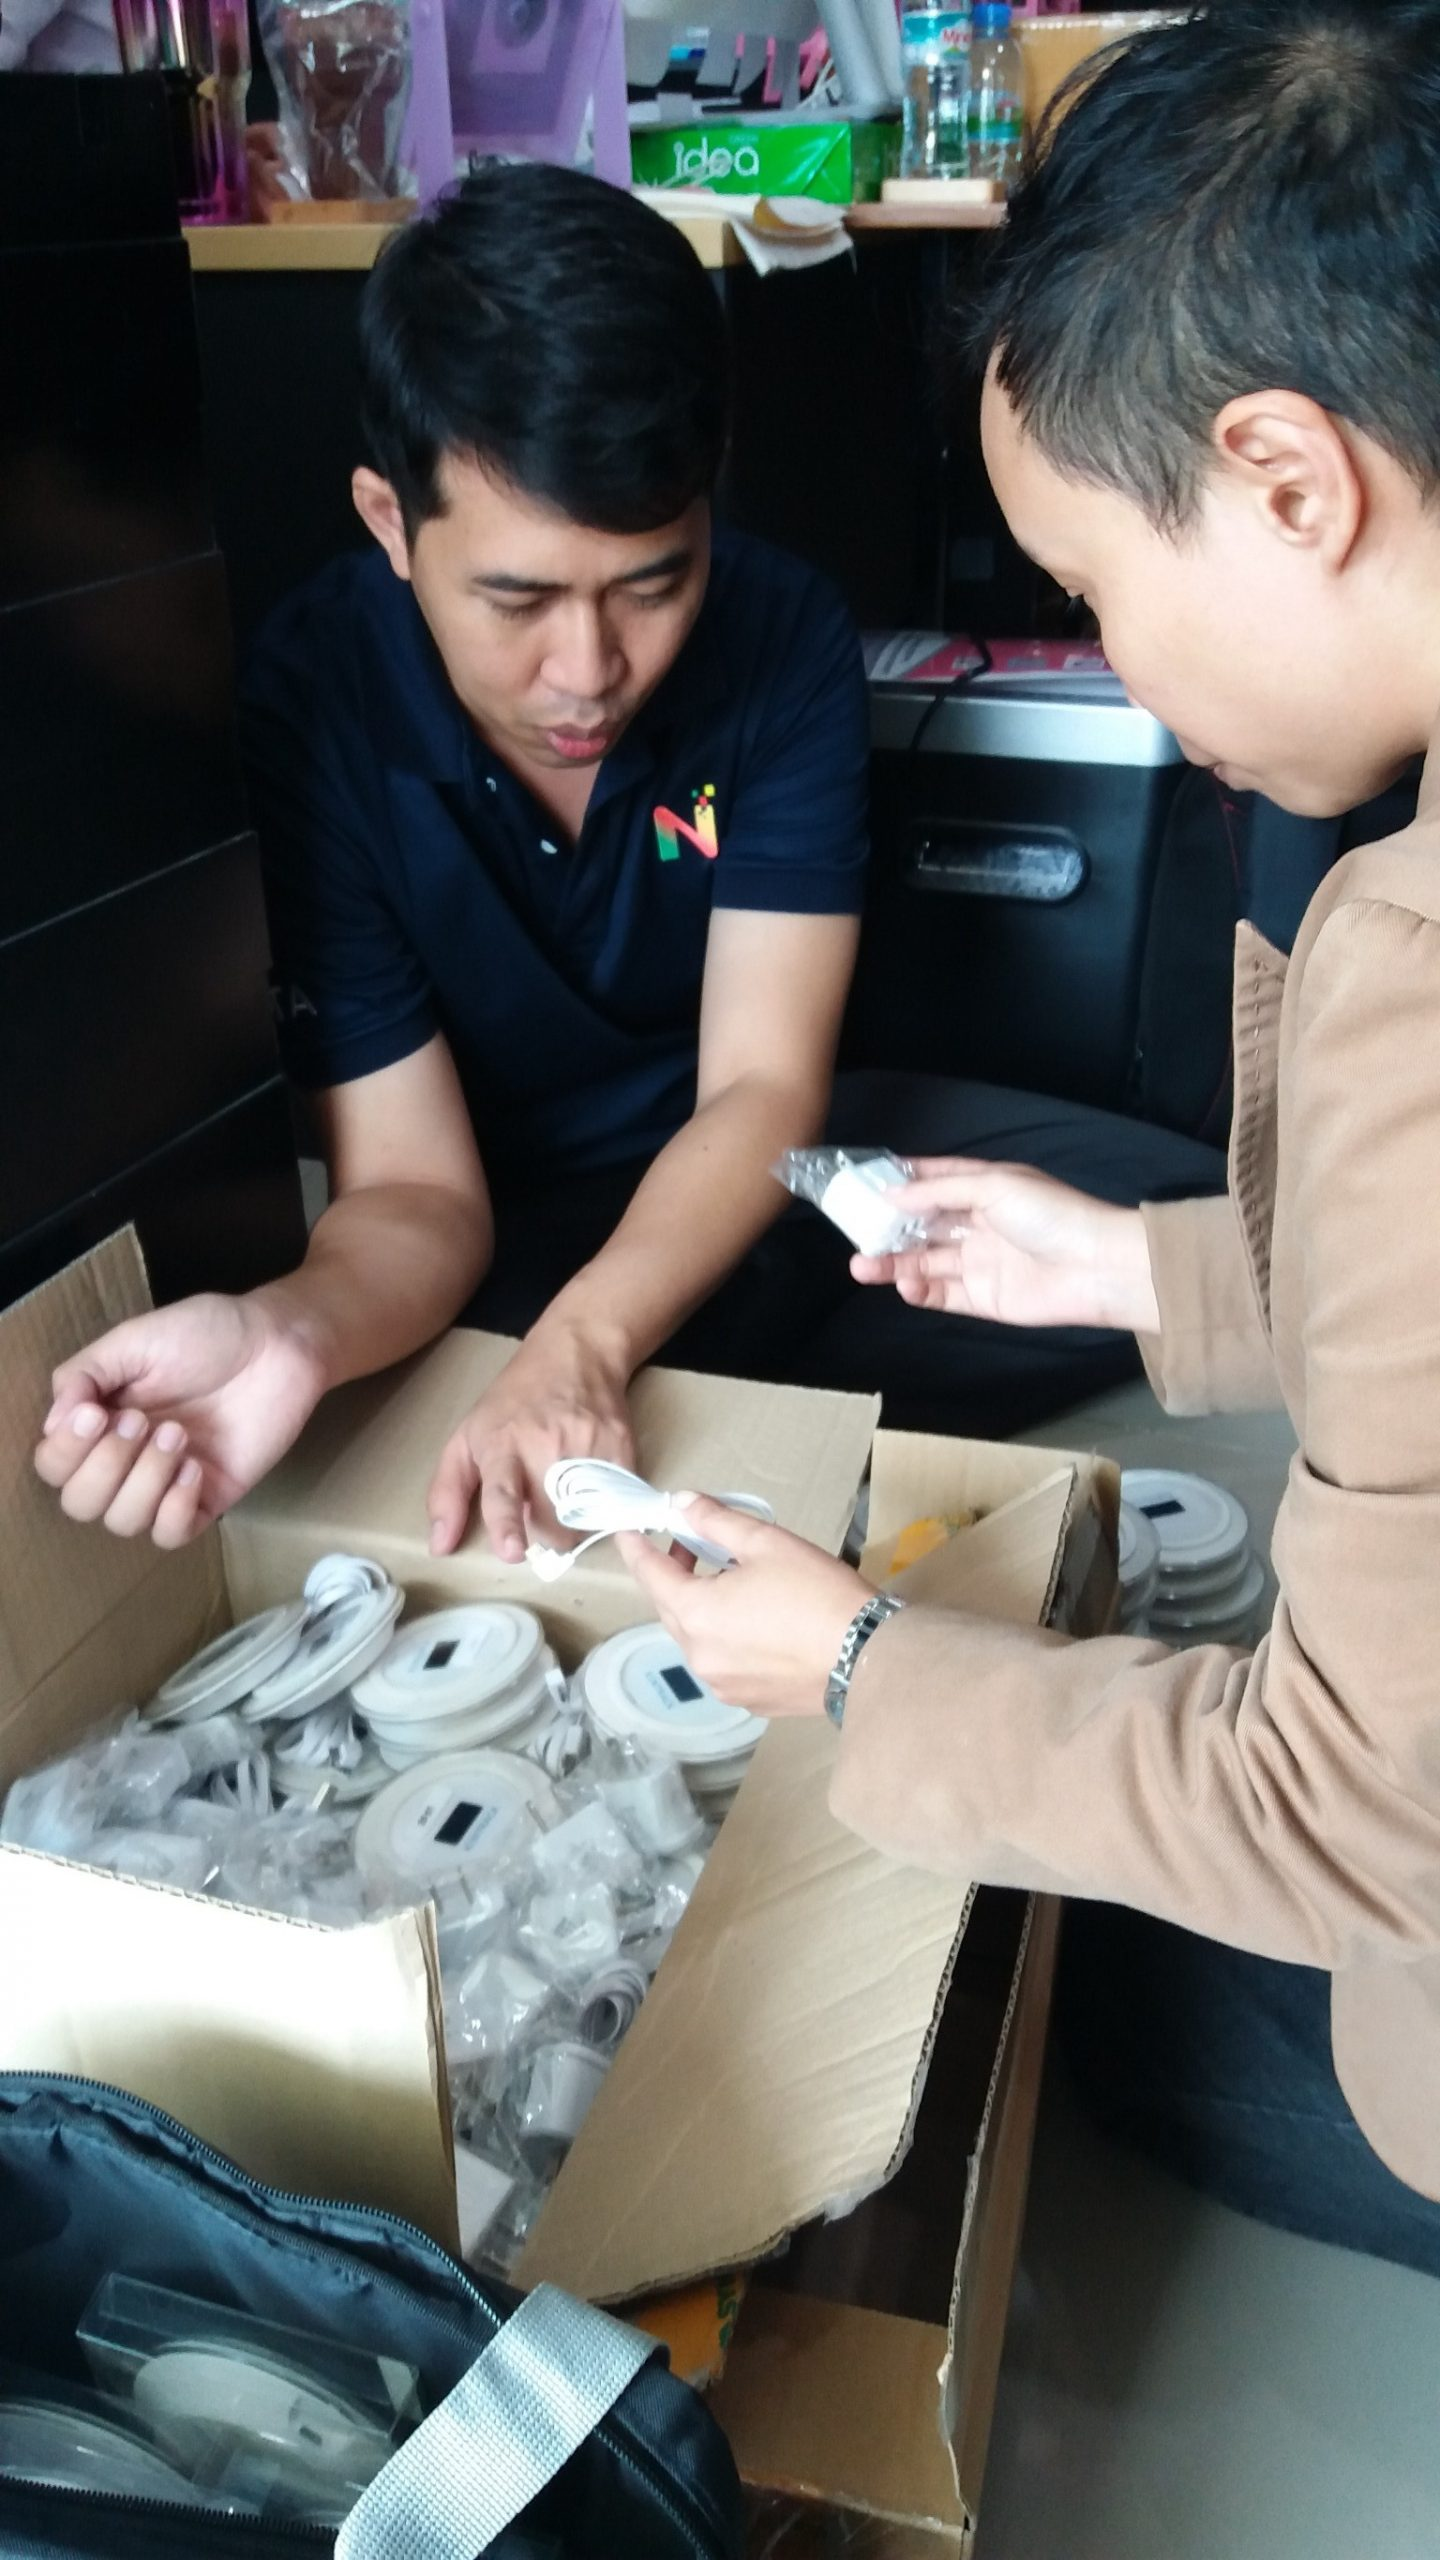 ส่งมอบอุปกรณ์ XENTRACK และสอนวิธีใช้งาน NEXTECH ASIA